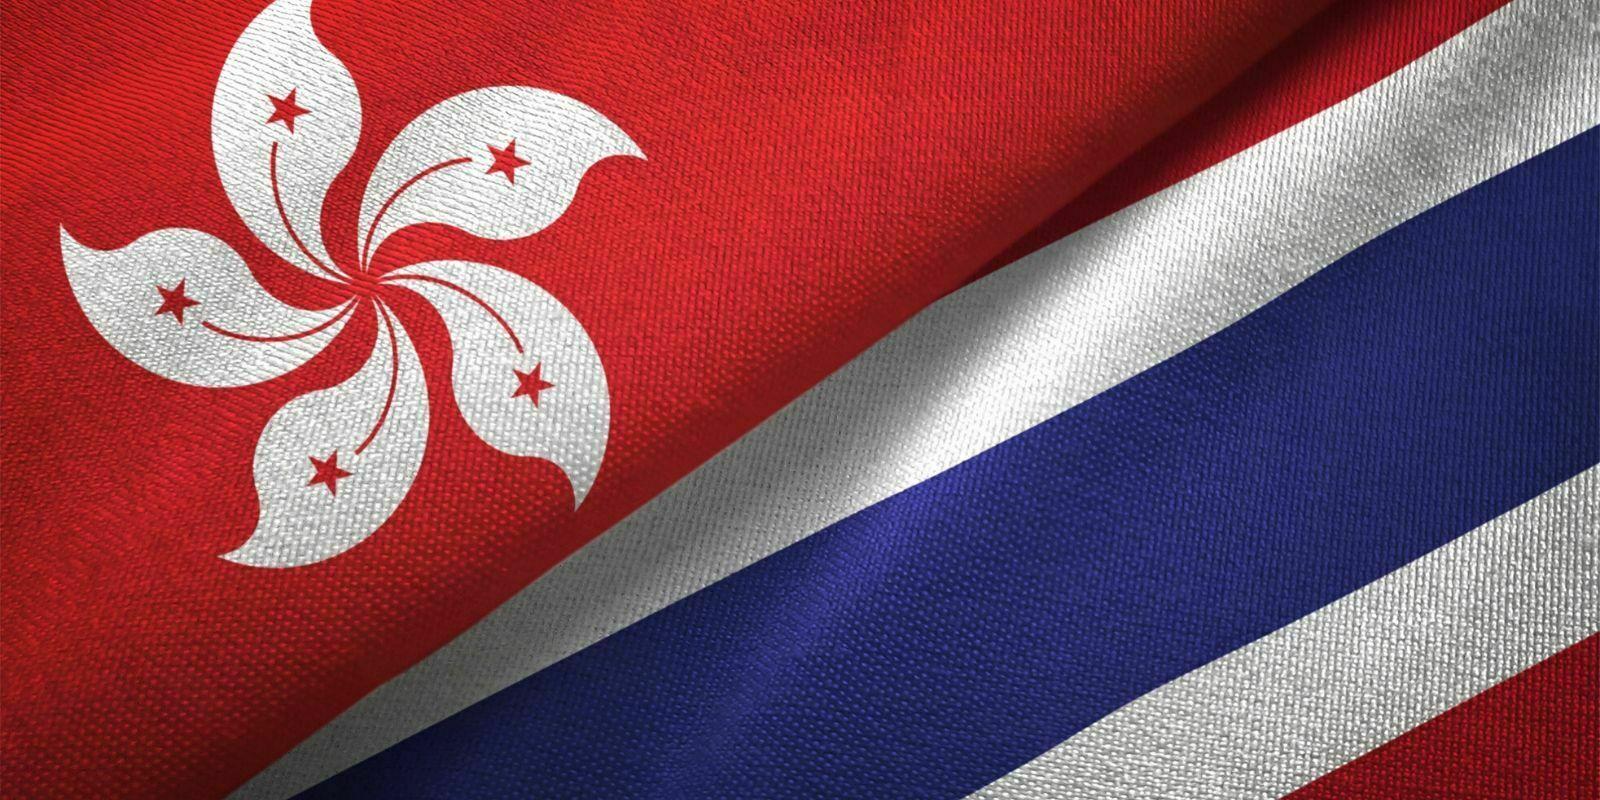 Hong Kong et la Thaïlande achèvent le prototype d'une monnaie numérique commune